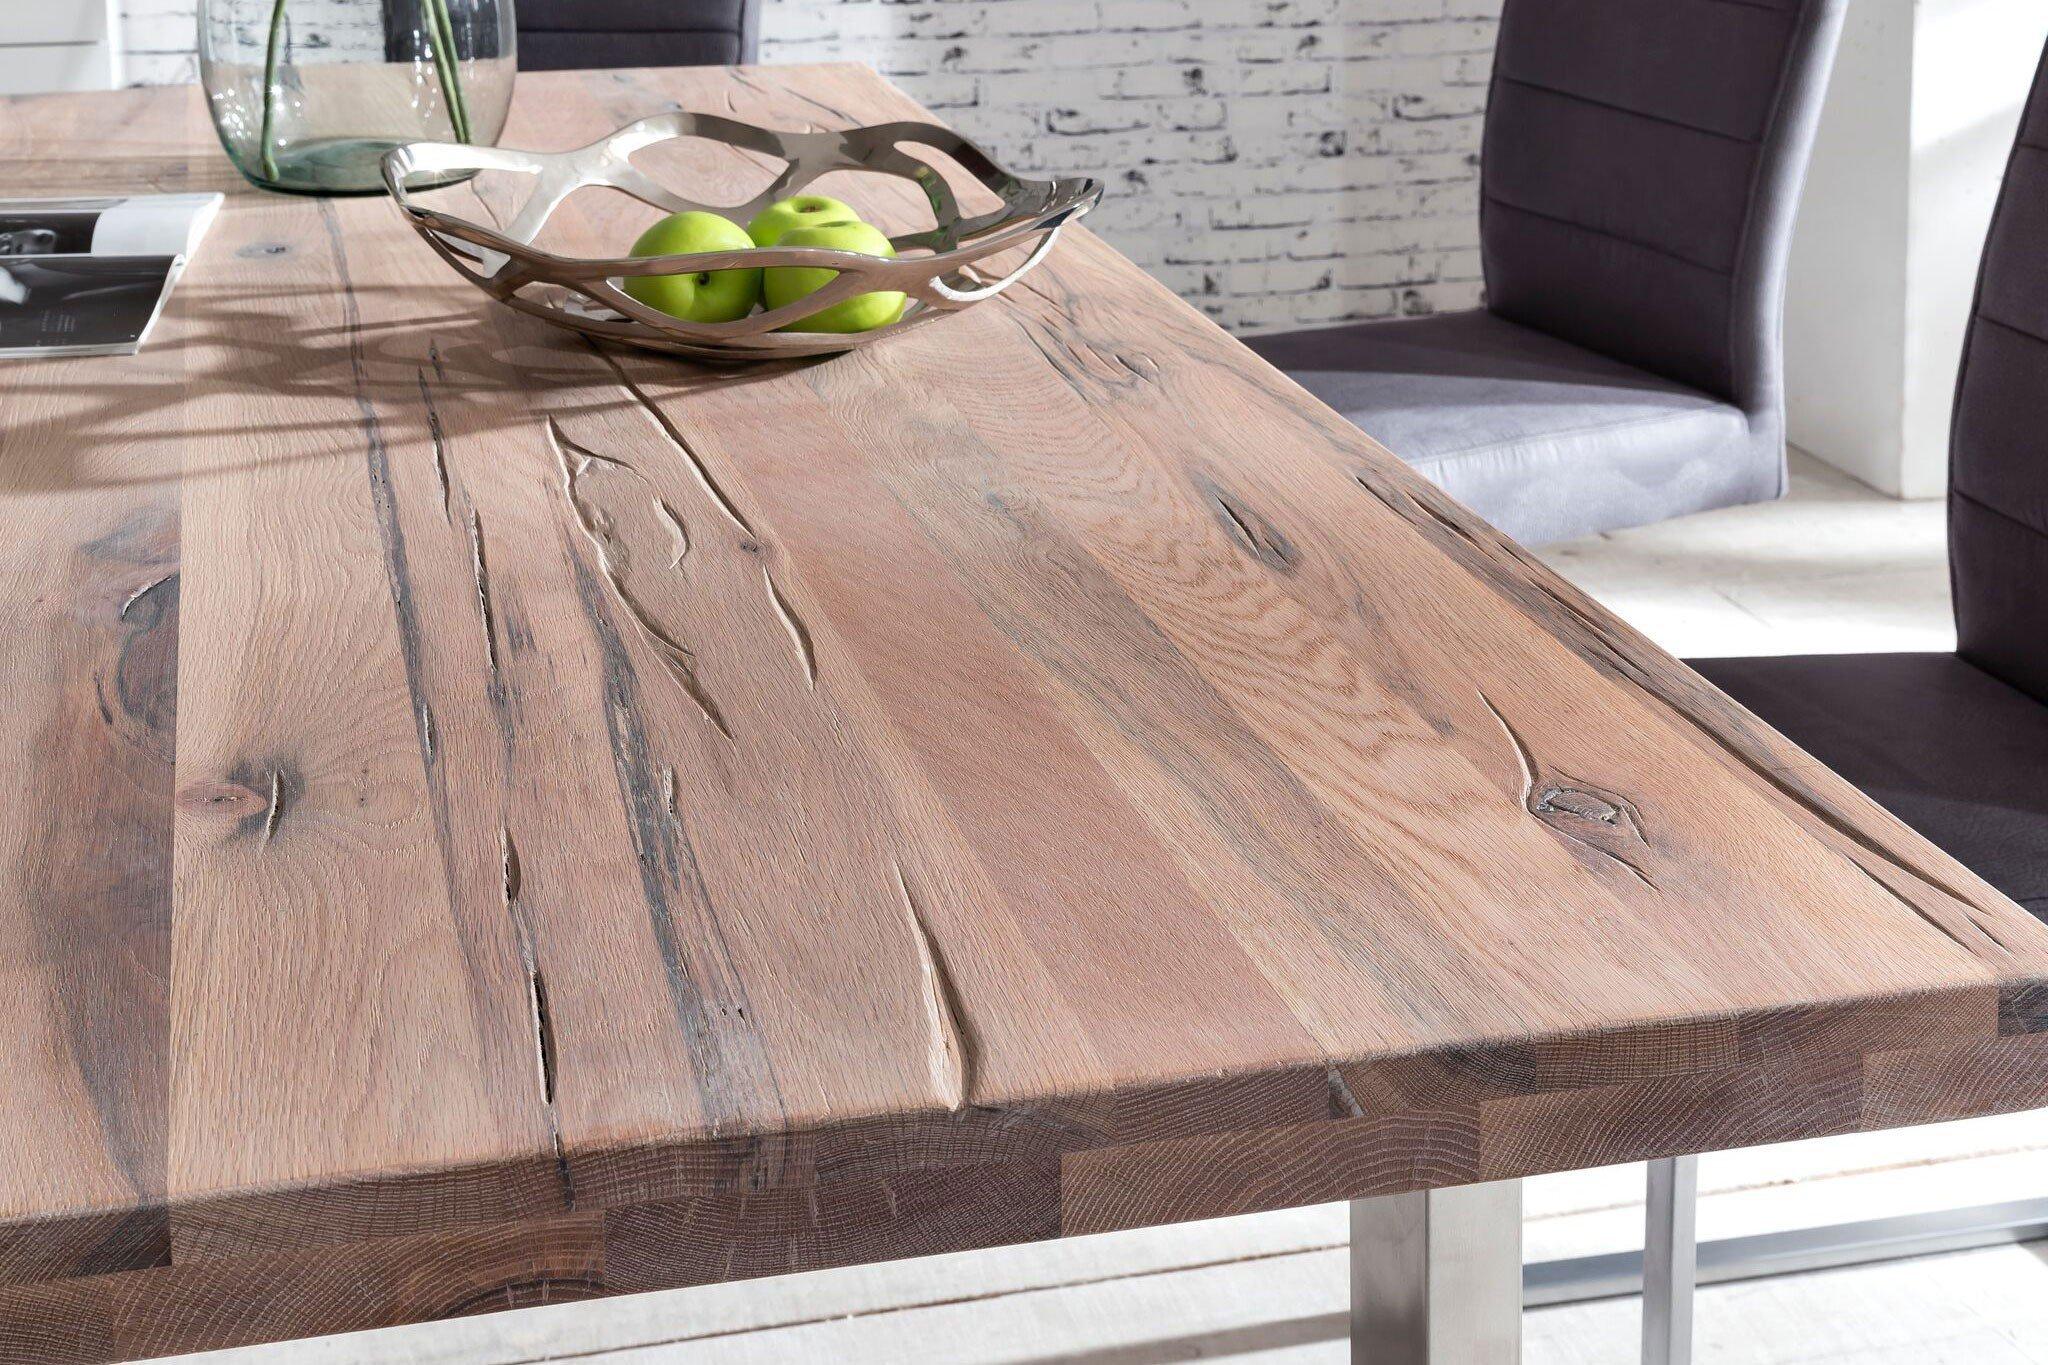 Tisch New York Eiche wei geklkt von massivdirekt